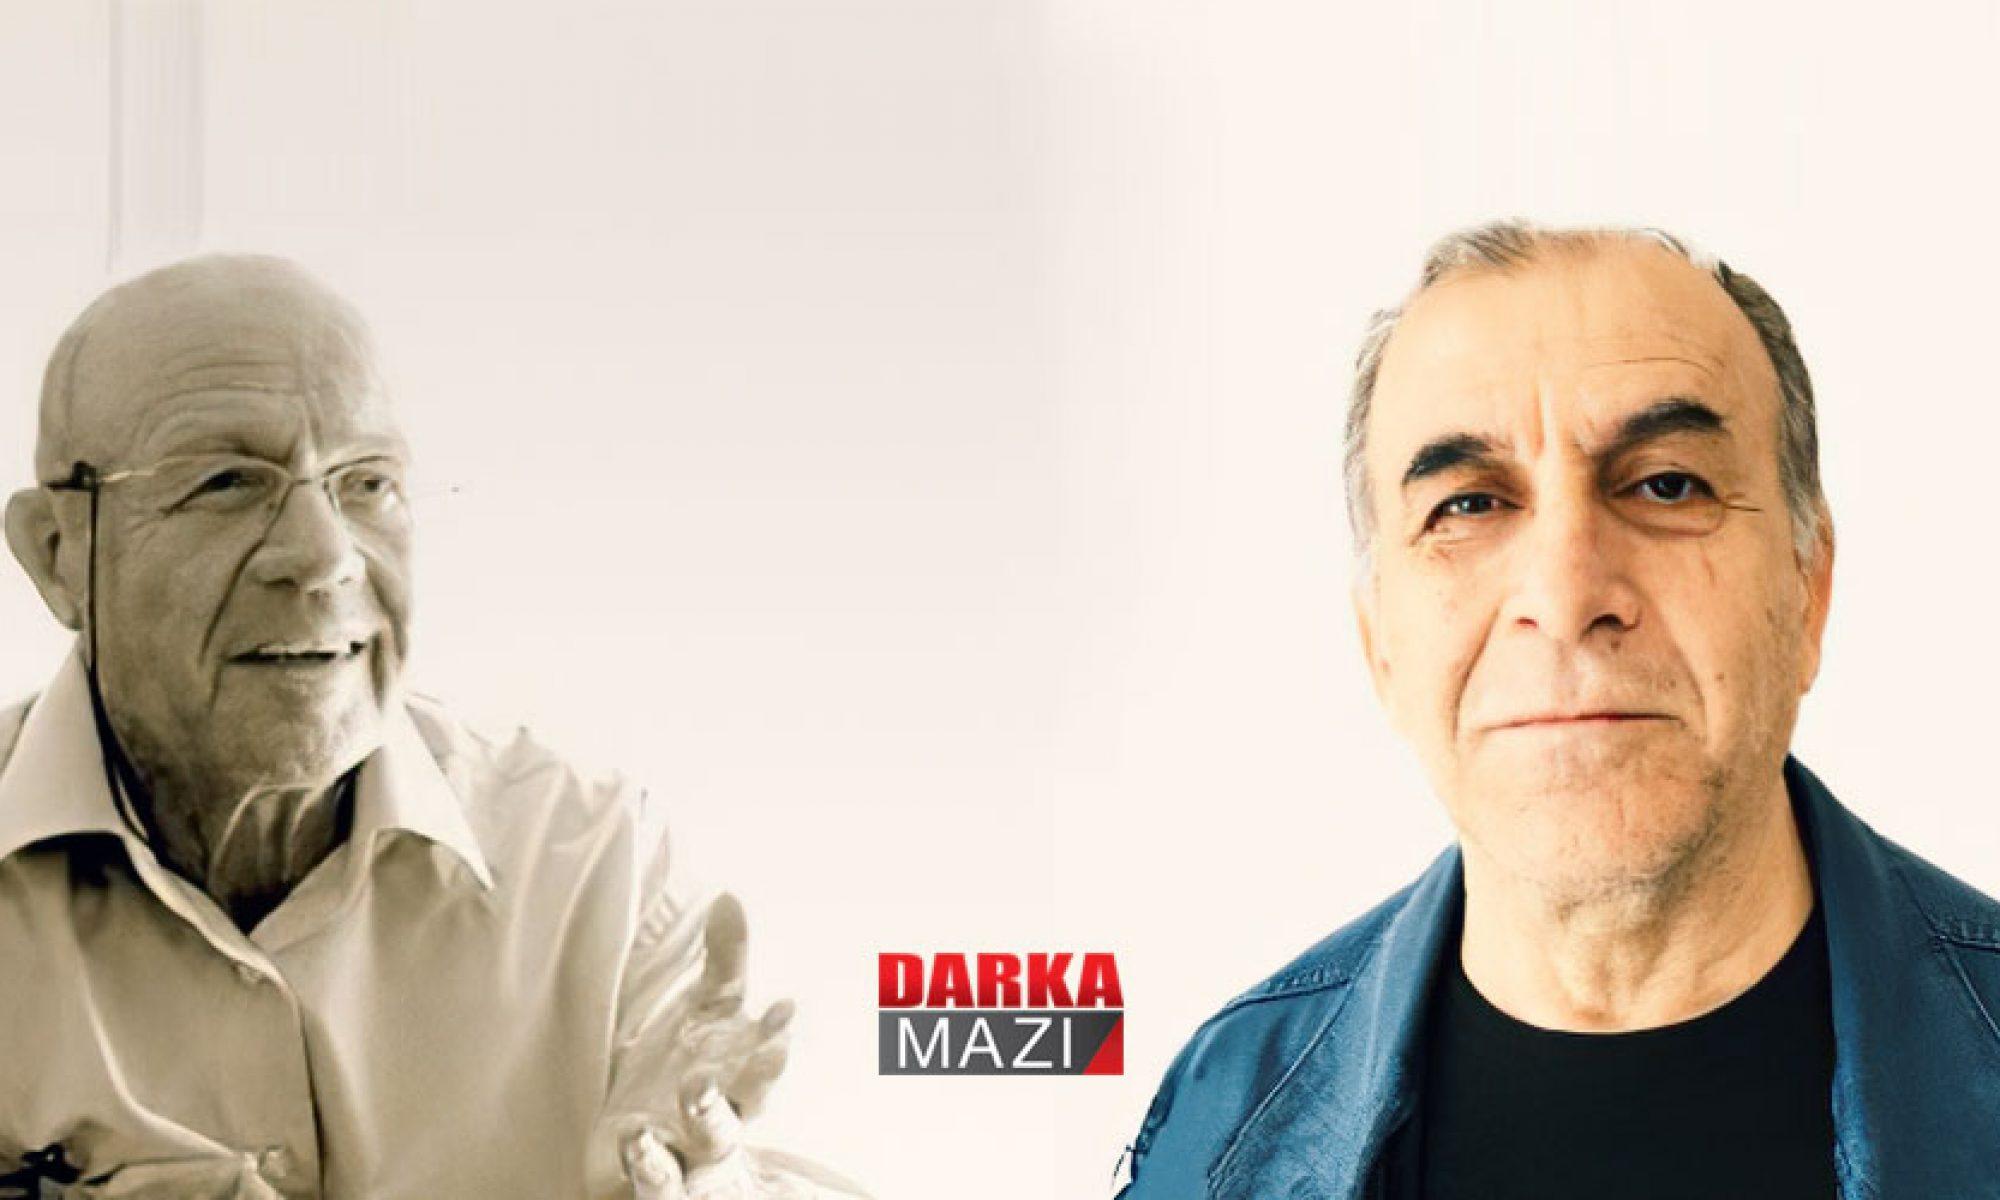 Ferda Çetin'in PKK adına İsmail Beşikçi'ye yazdığı tehdit bildirisi, Haşdi Şabi, PKK, Şengal, Irak hükümeti, Kürdistan Sömürgedir, Beşikçi Vakfı, Abdullah Öcalan, 15 Şubat